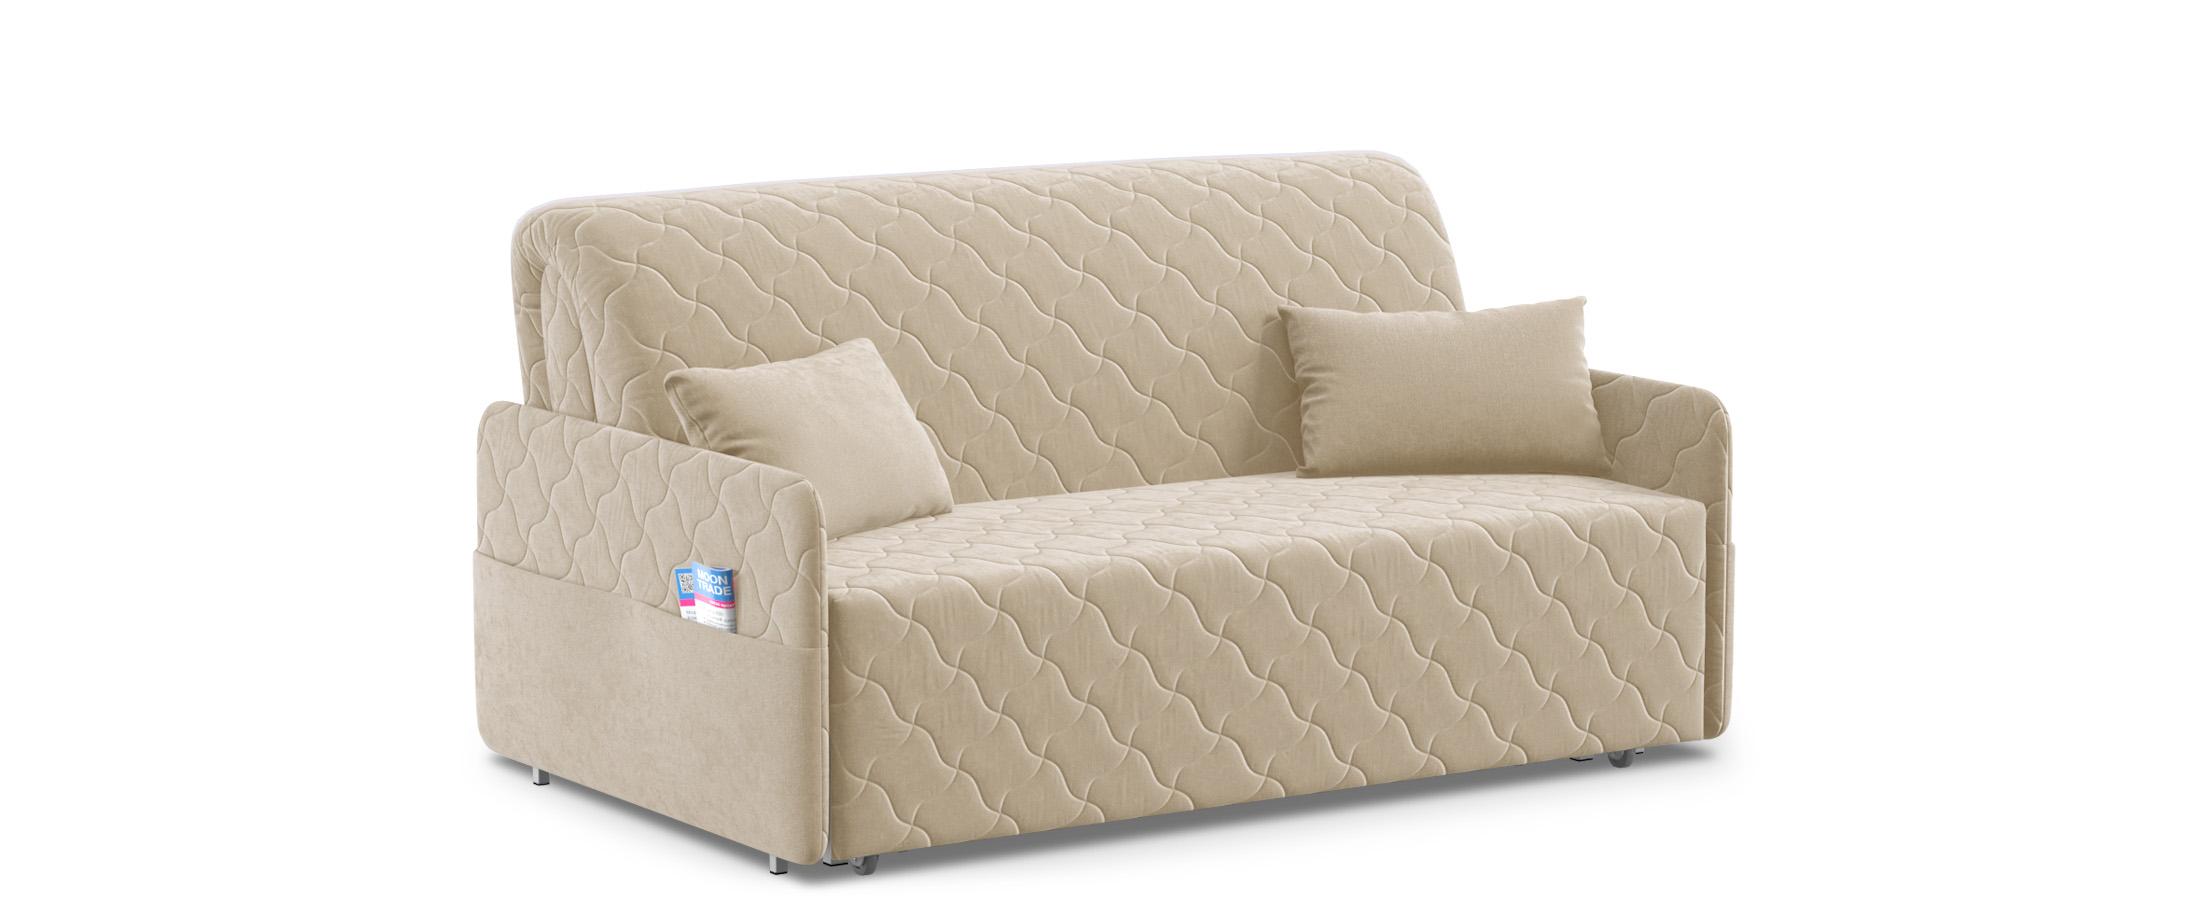 Диван прямой аккордеон Страйк 119Гостевой вариант и полноценное спальное место. Размеры 172х105х92 см. Купить бежевый диван аккордеон в интернет-магазине MOON-TRADE.RU